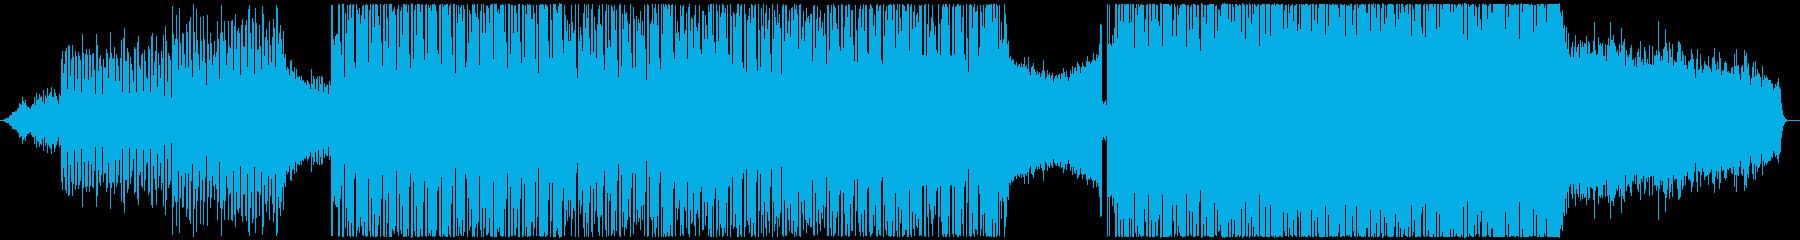 爽やかで躍進的な企業イメージに最適な楽曲の再生済みの波形